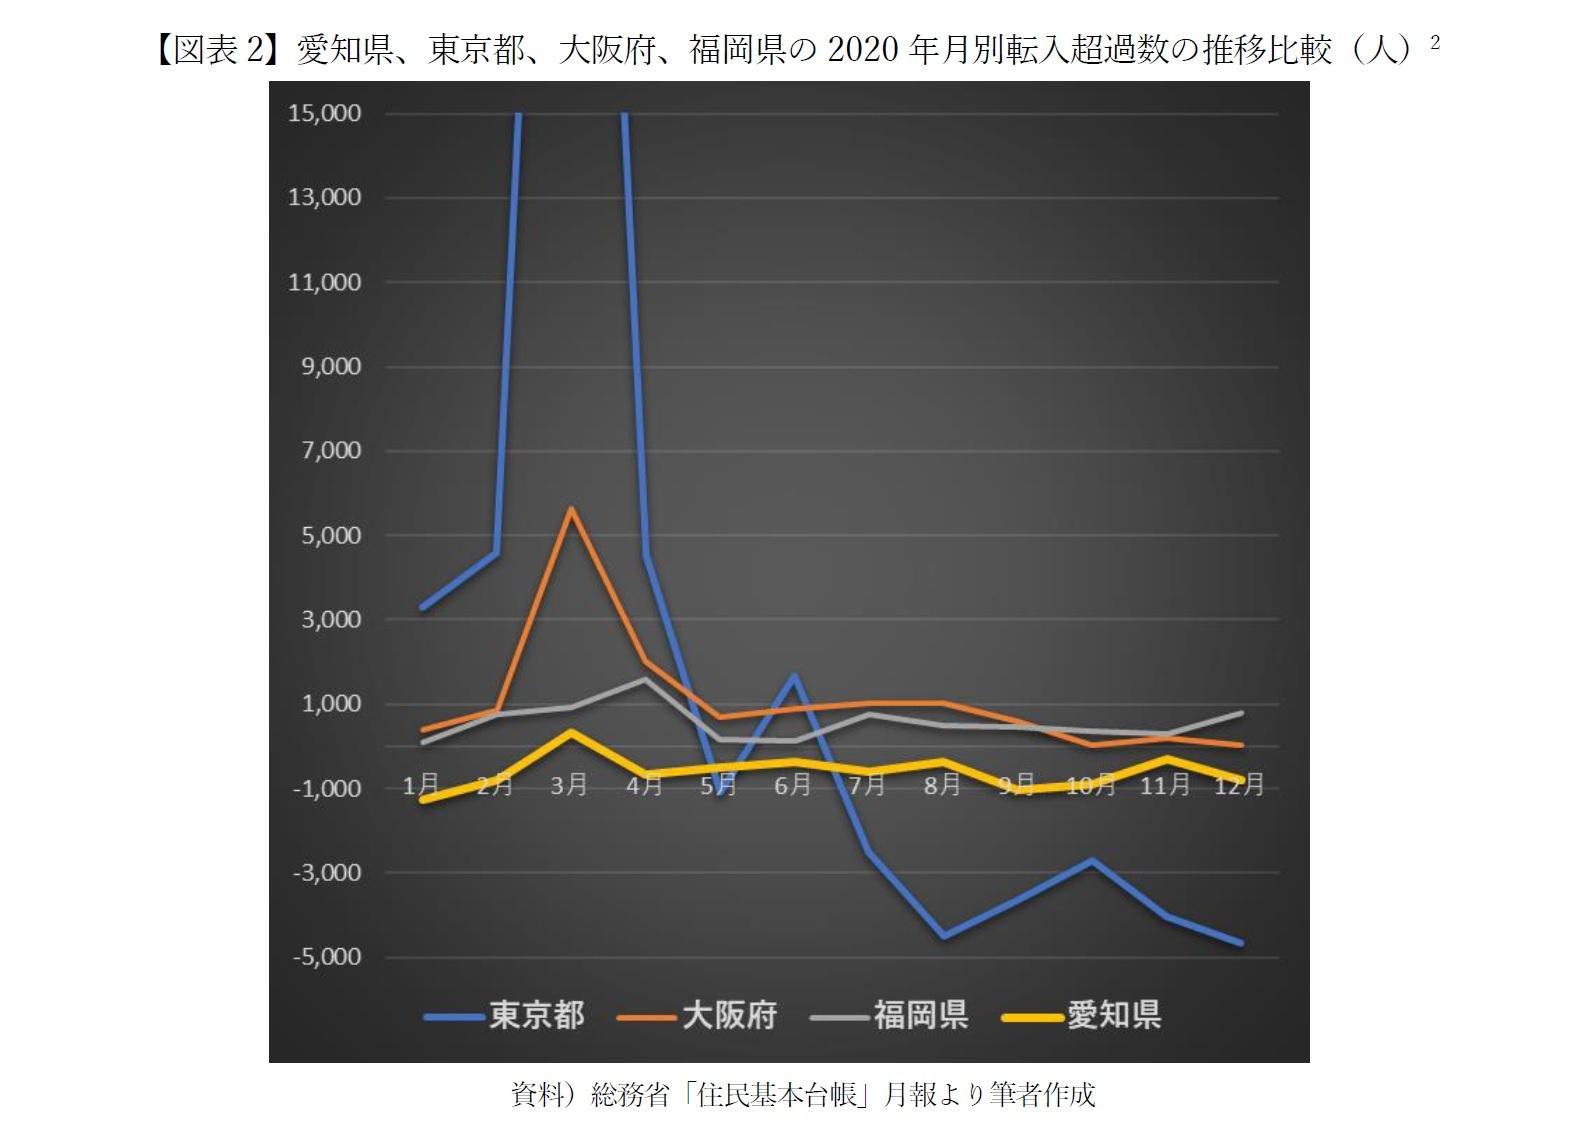 【図表2】愛知県、東京都、大阪府、福岡県の2020年月別転入超過数の推移比較(人)